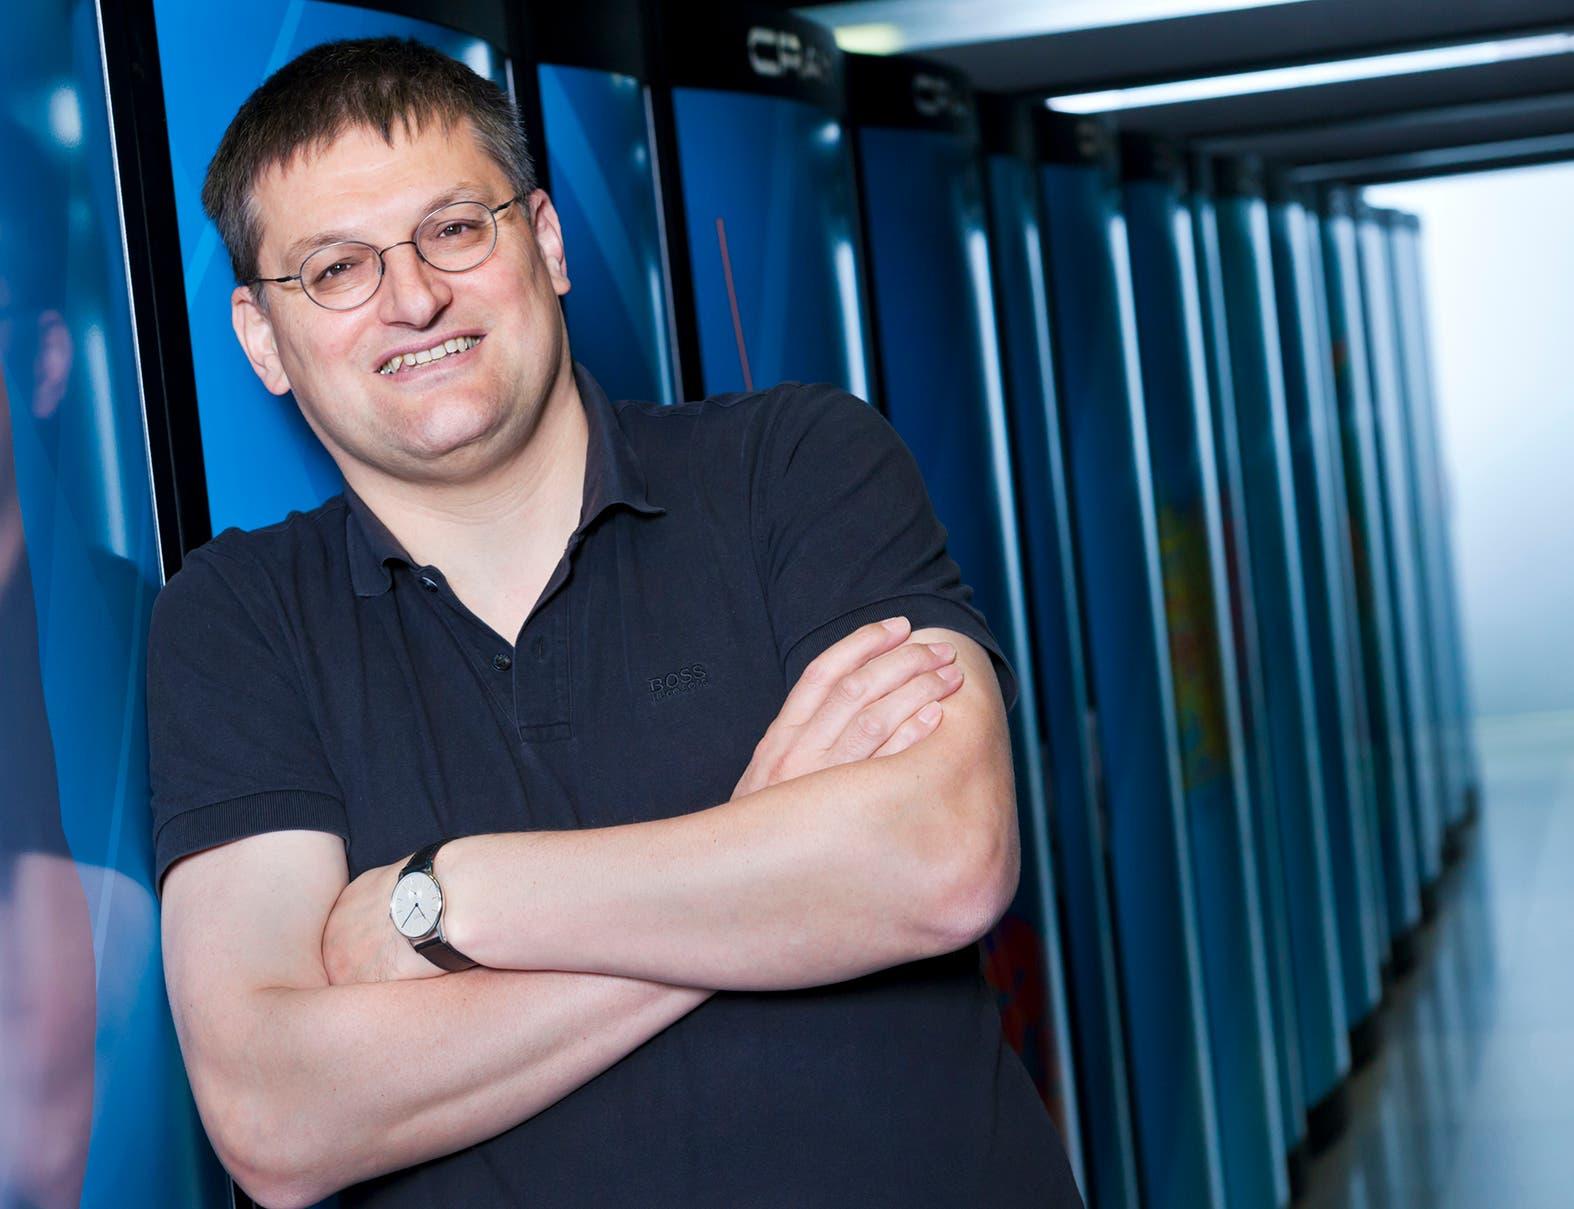 Michael Resch vor dem Supercomputter des HLRS